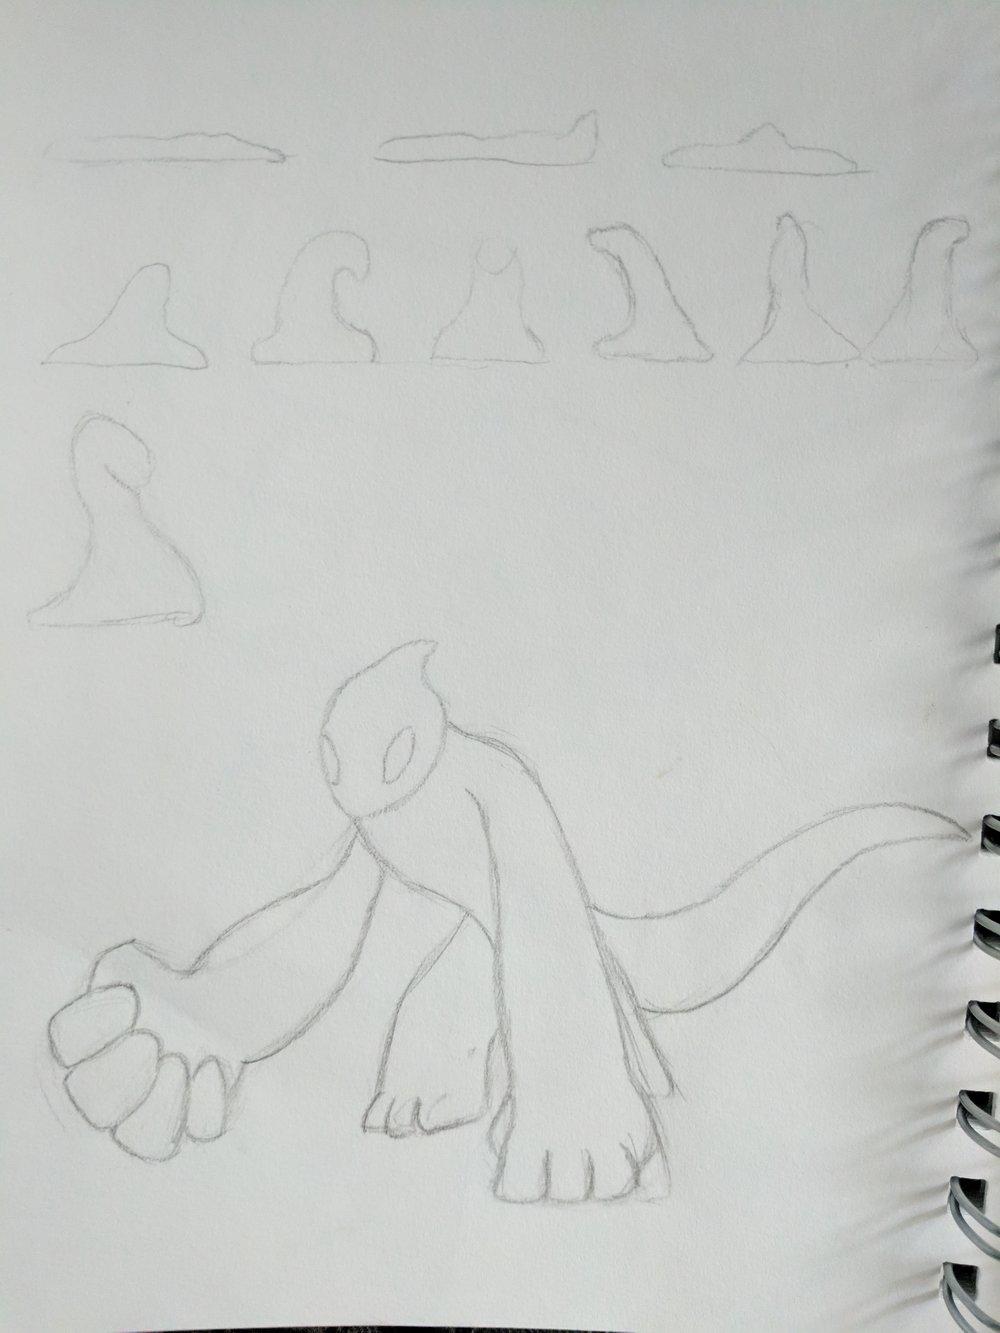 Goop to Creature